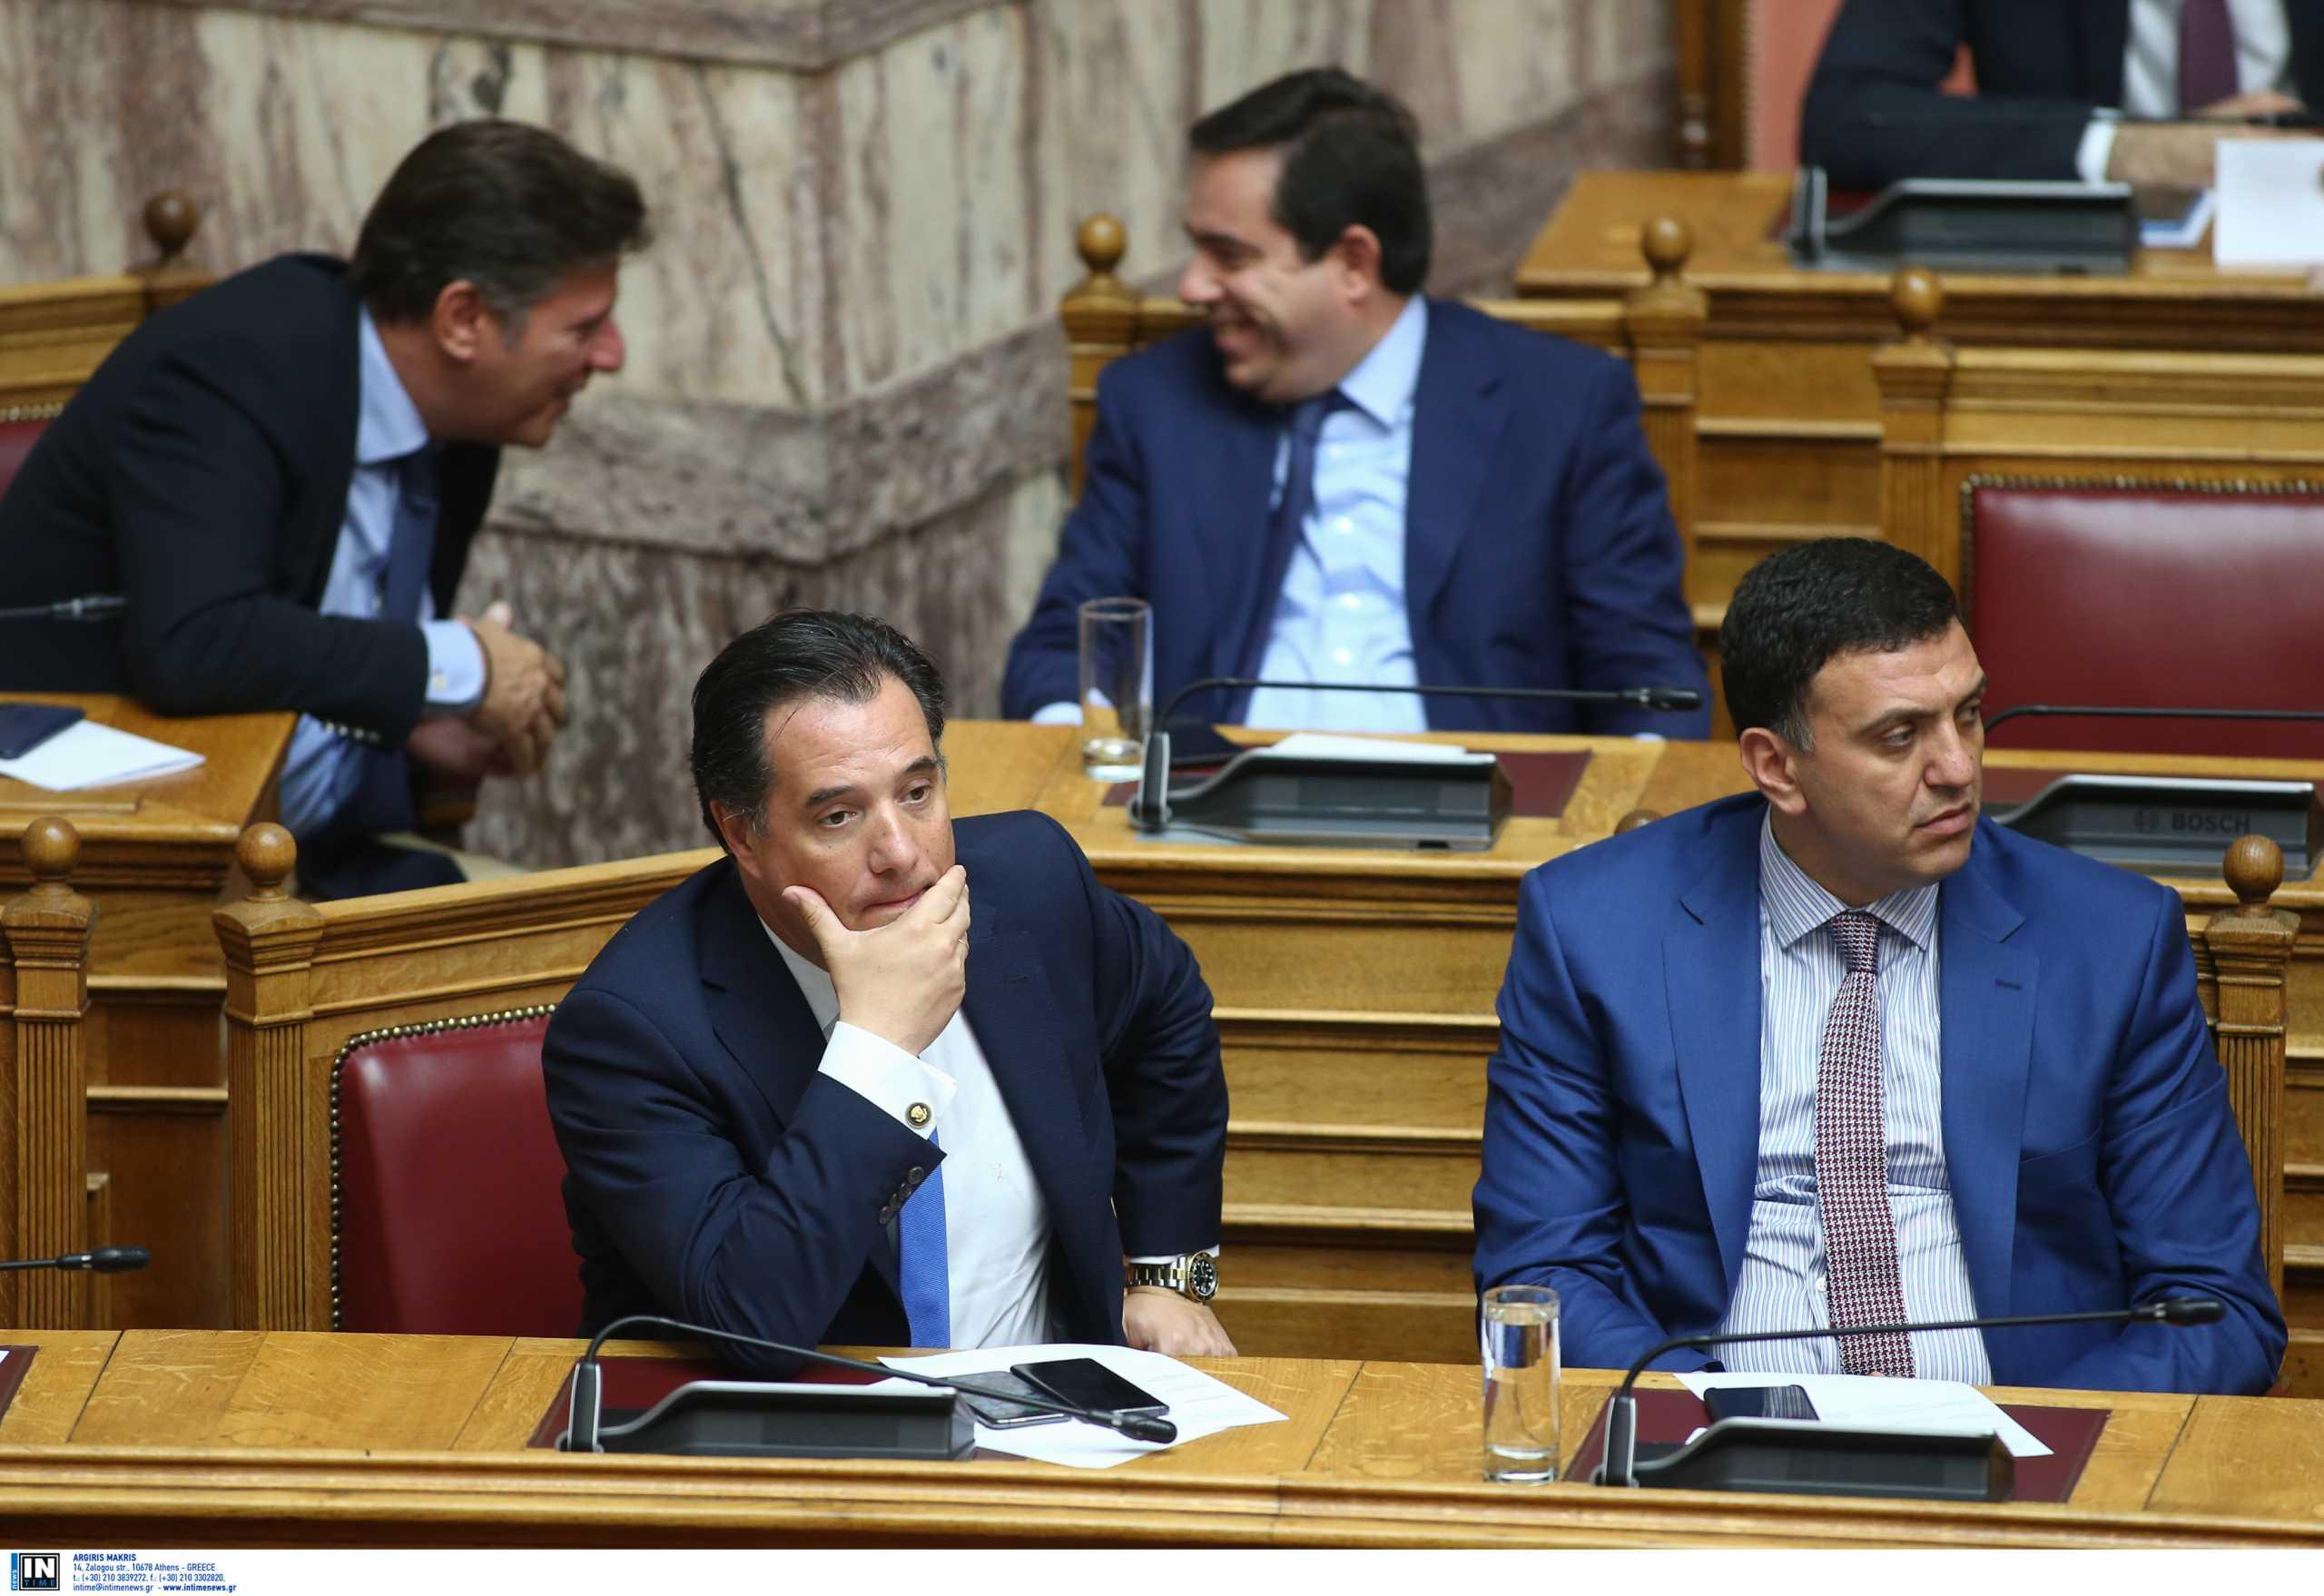 «Παγωτό» ο Άδωνις Γεωργιάδης: Έμαθε on air τη «βόμβα» Κικίλια για lockdown στην Αττική